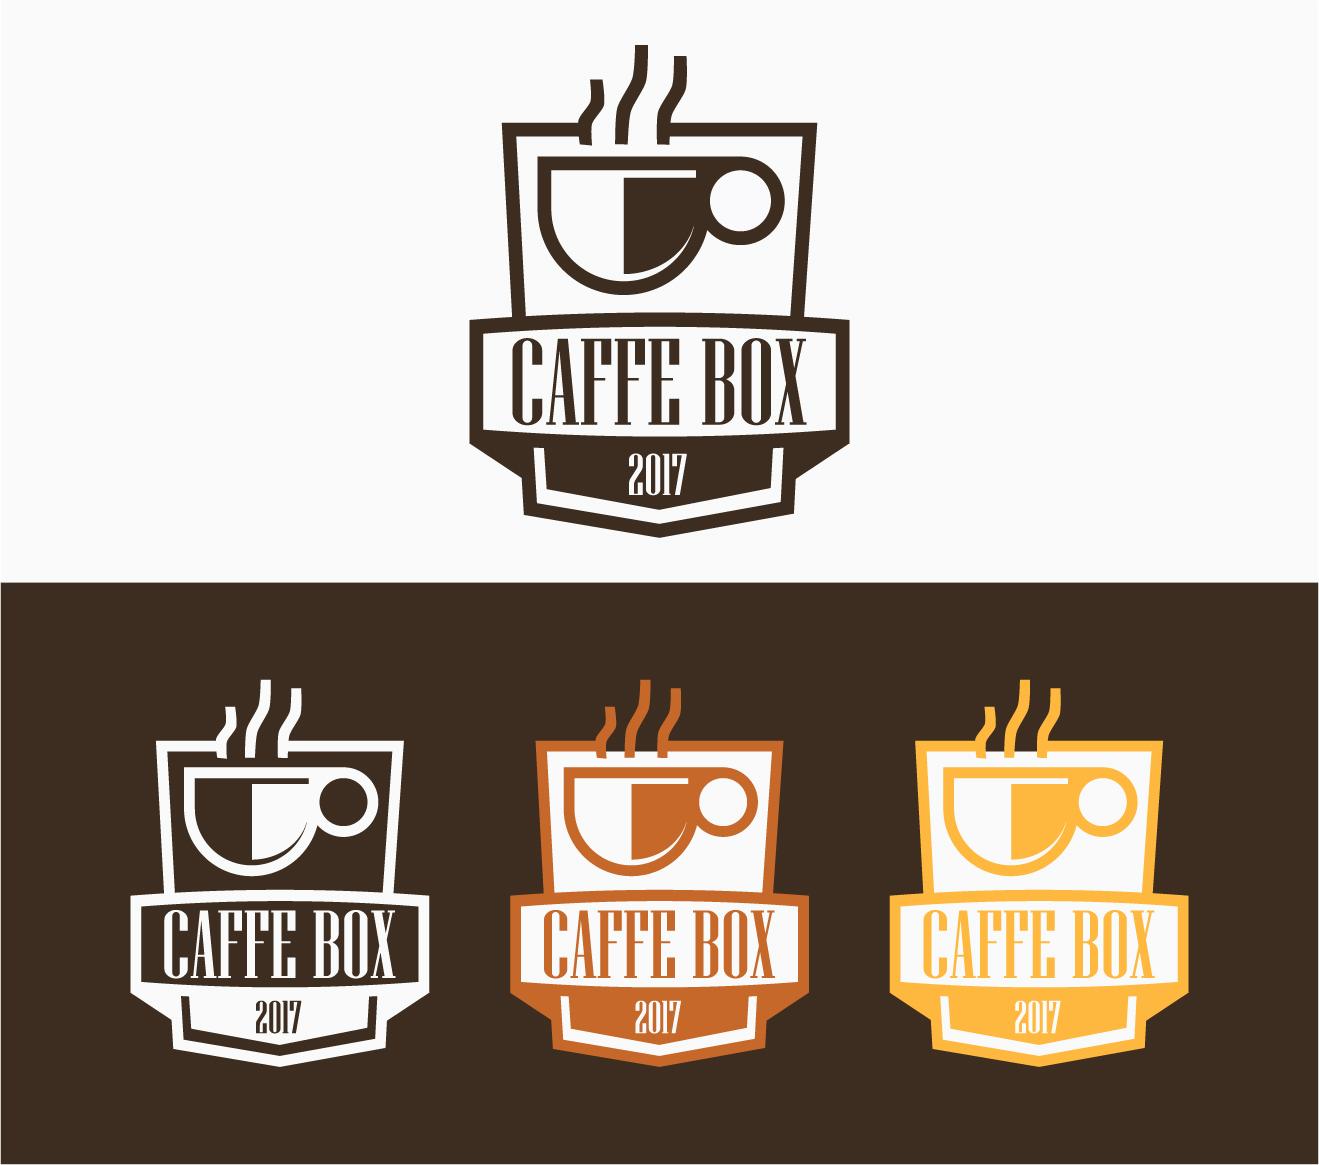 Требуется очень срочно разработать логотип кофейни! фото f_7745a10a5aa20ab4.jpg